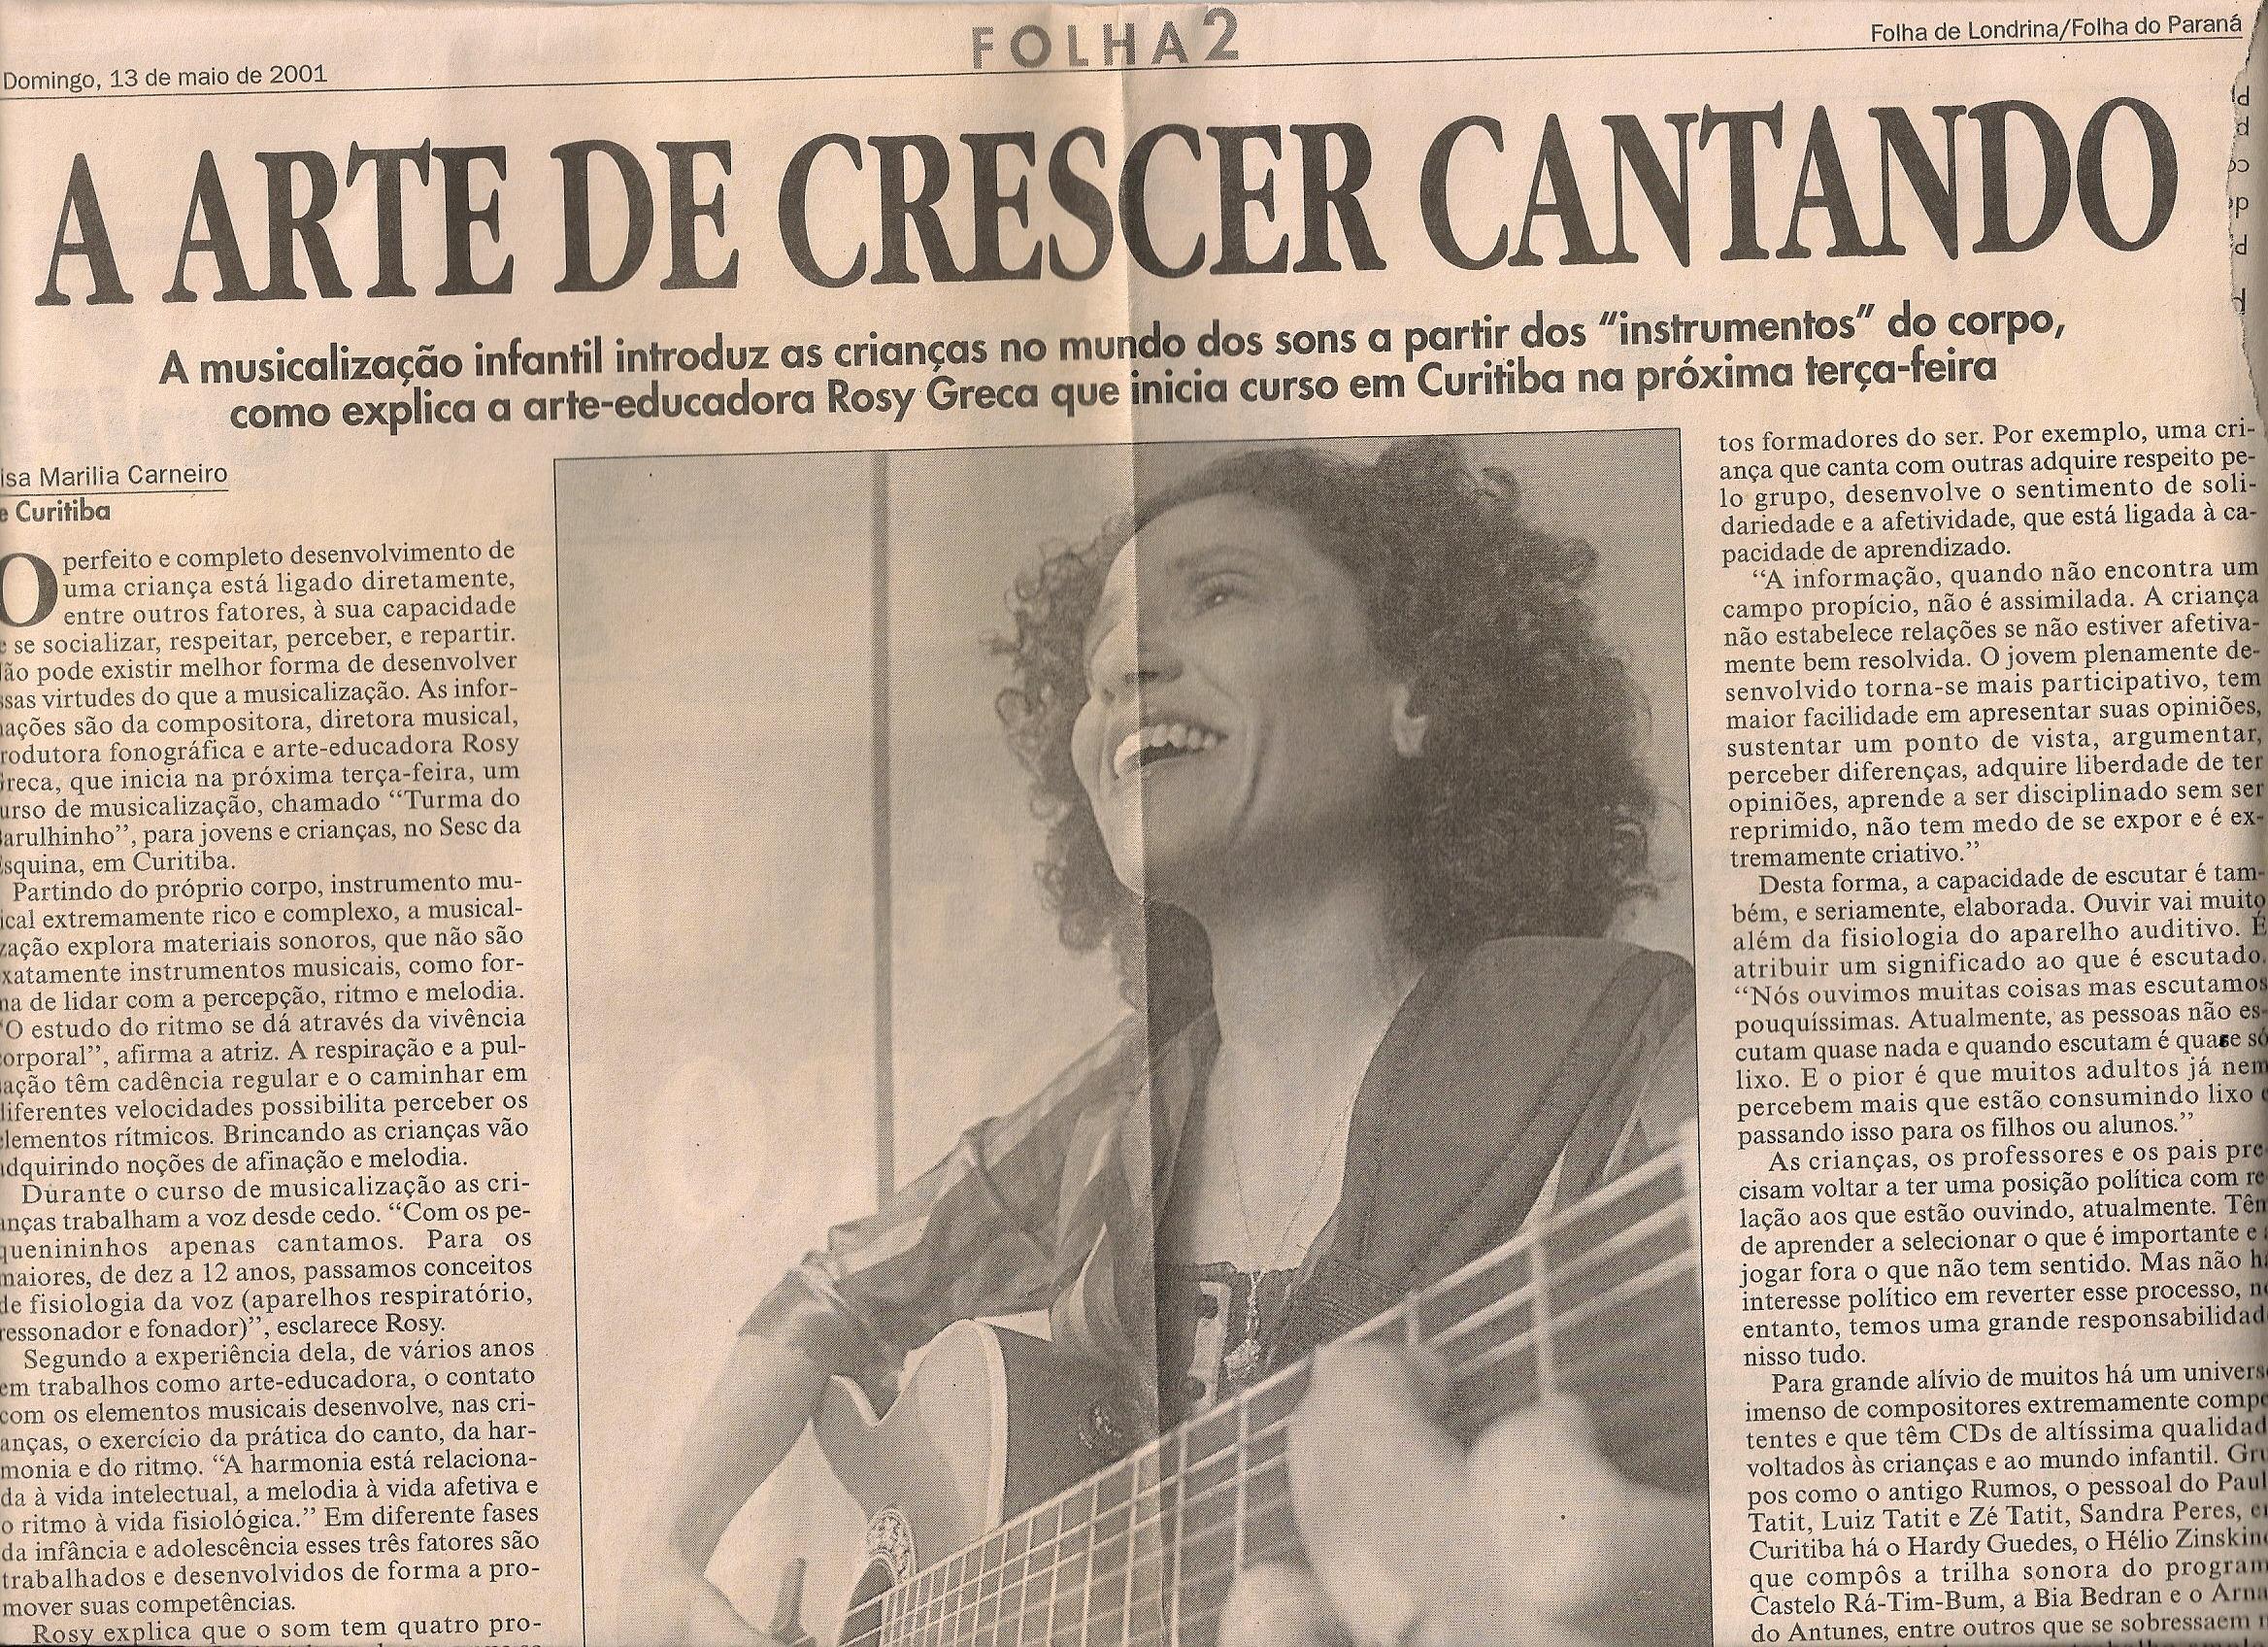 A arte de crescer cantando, Folha de Londrina / Folha do Paraná